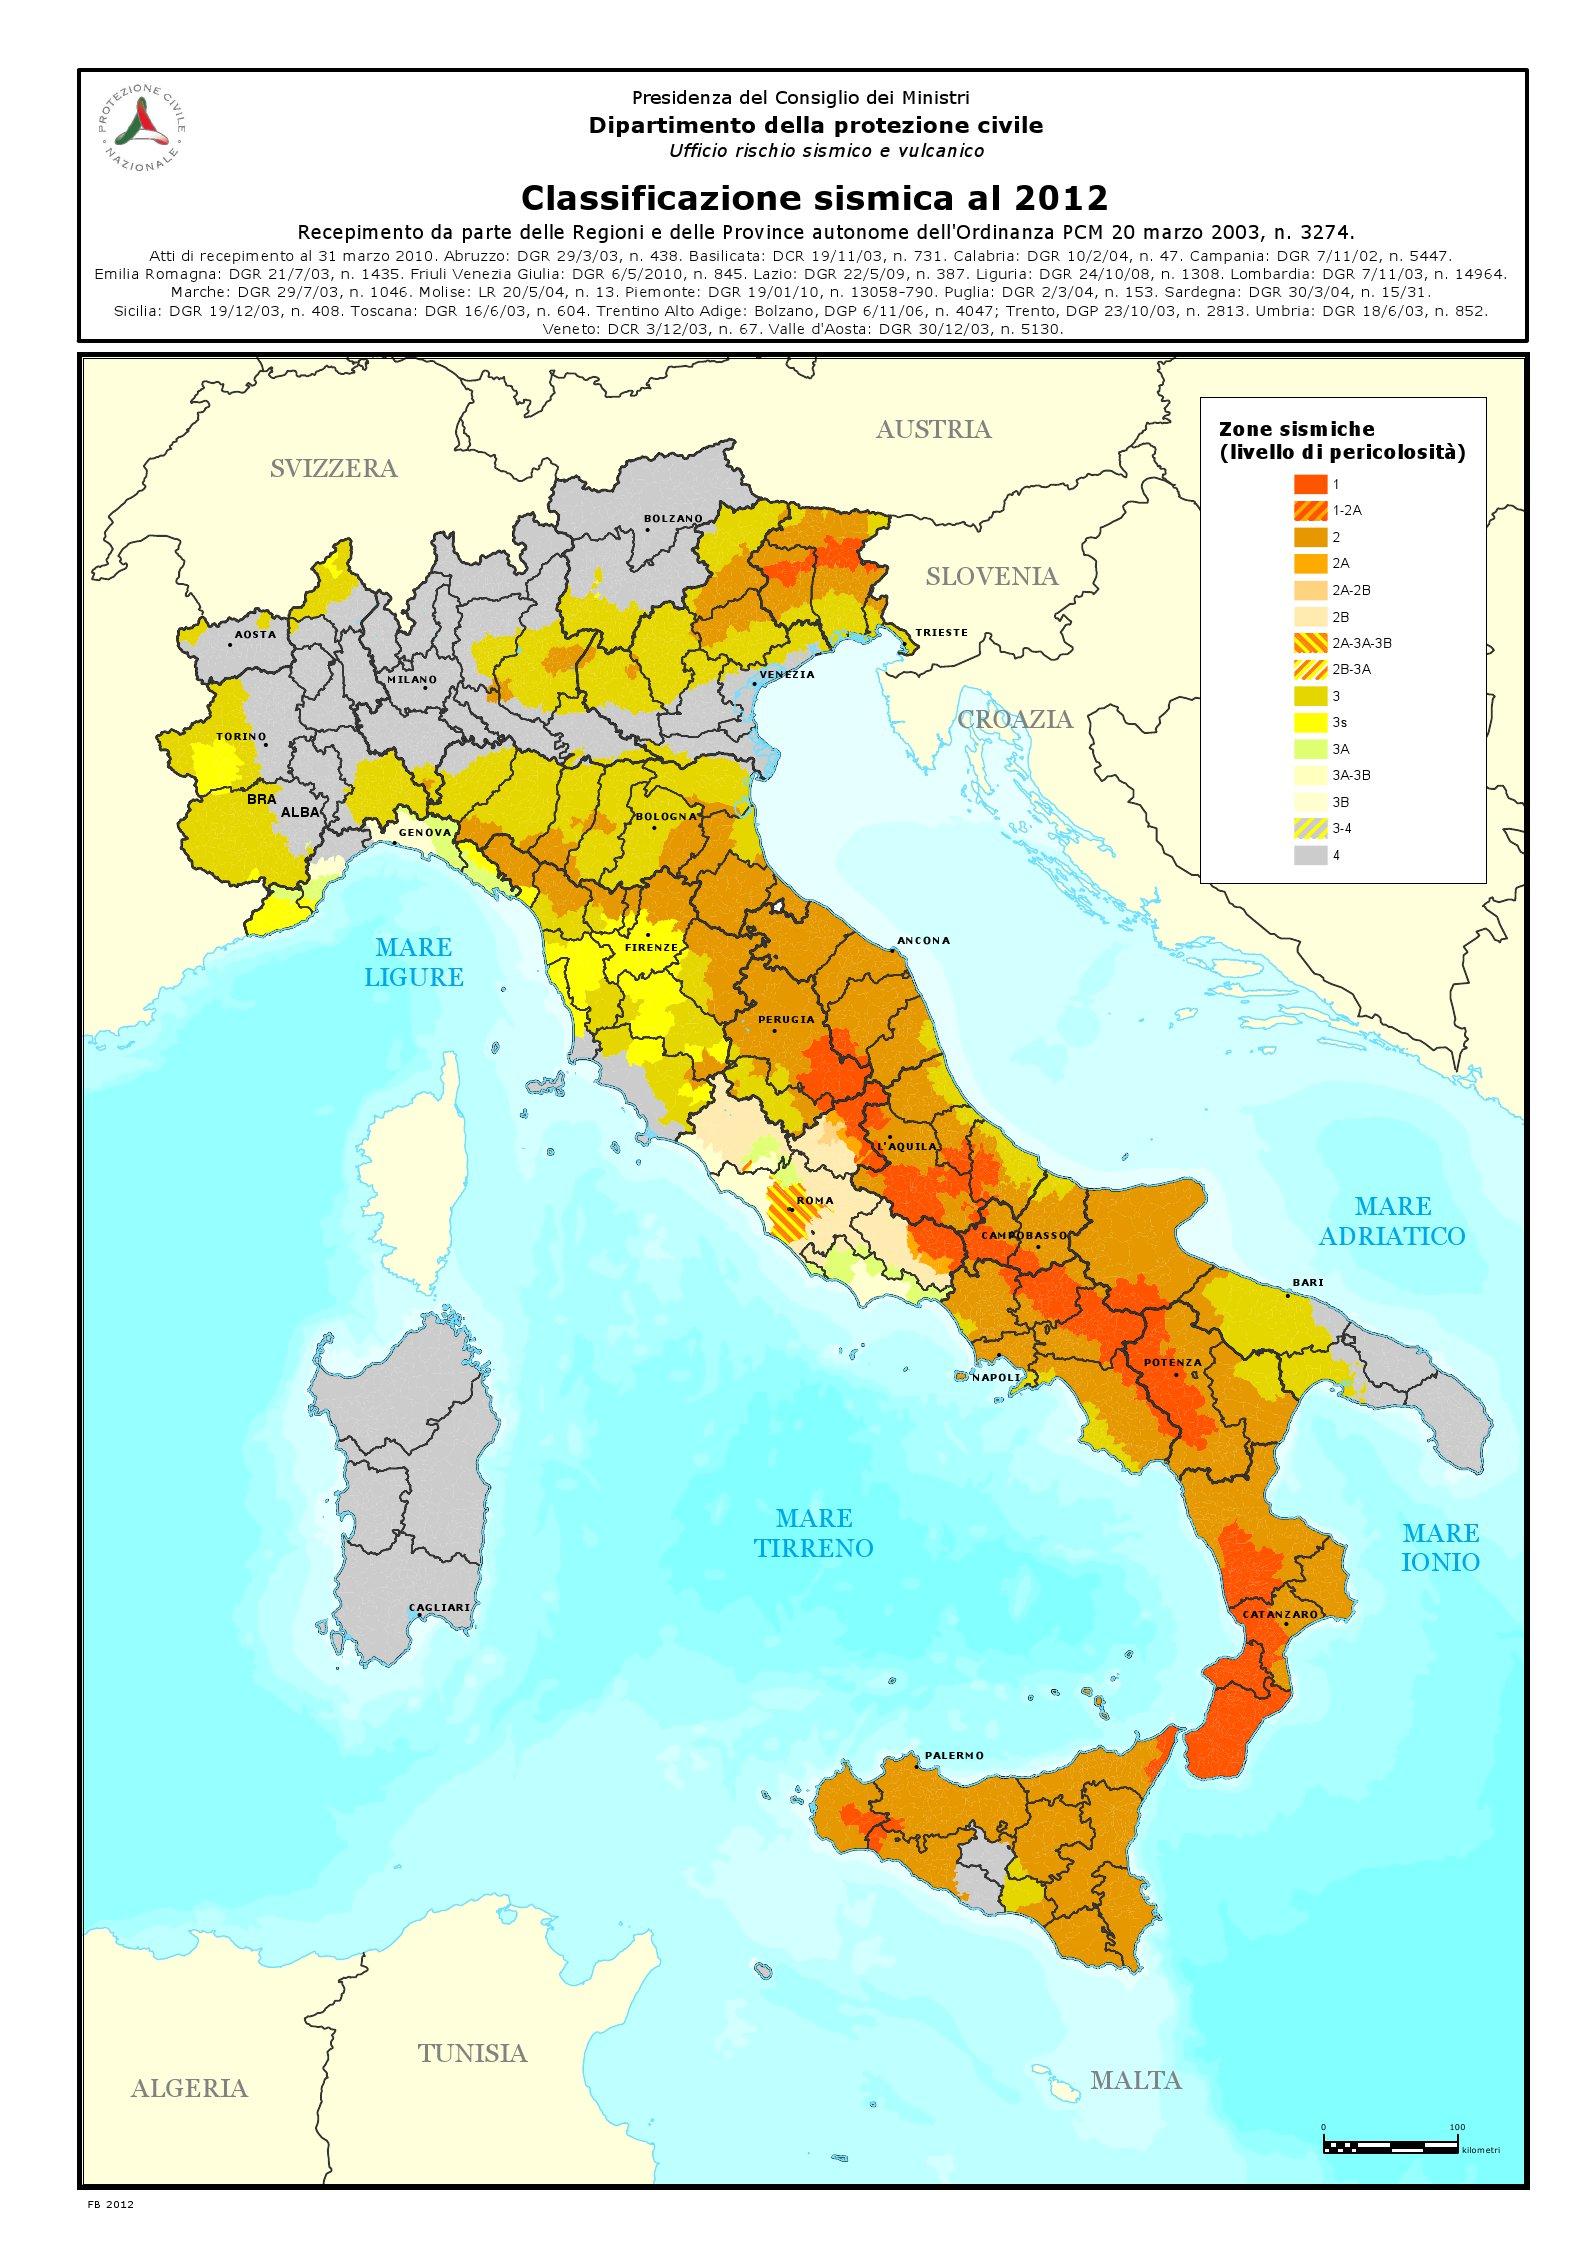 La mappa della classificazione sismica (clicca per ingrandire)